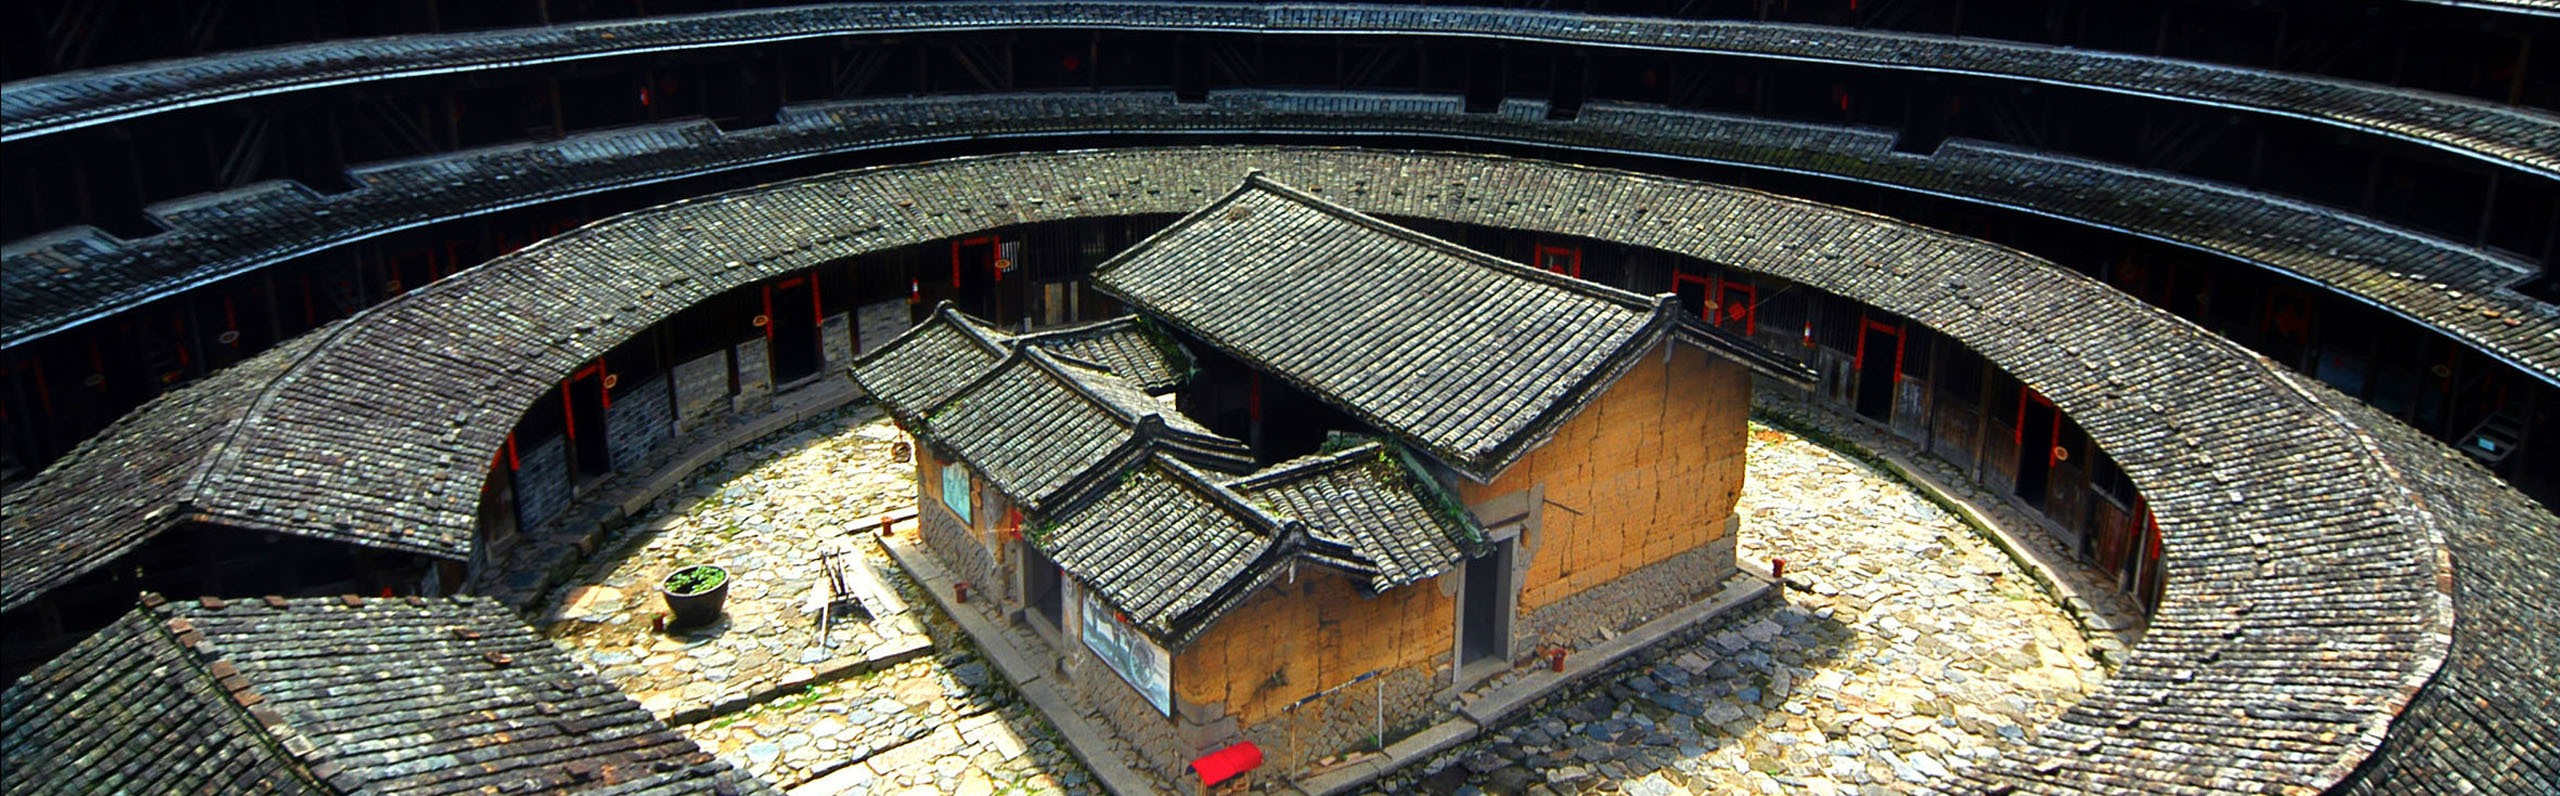 3-Day Xiamen Essence and In-Depth Fujian Tulou Tour